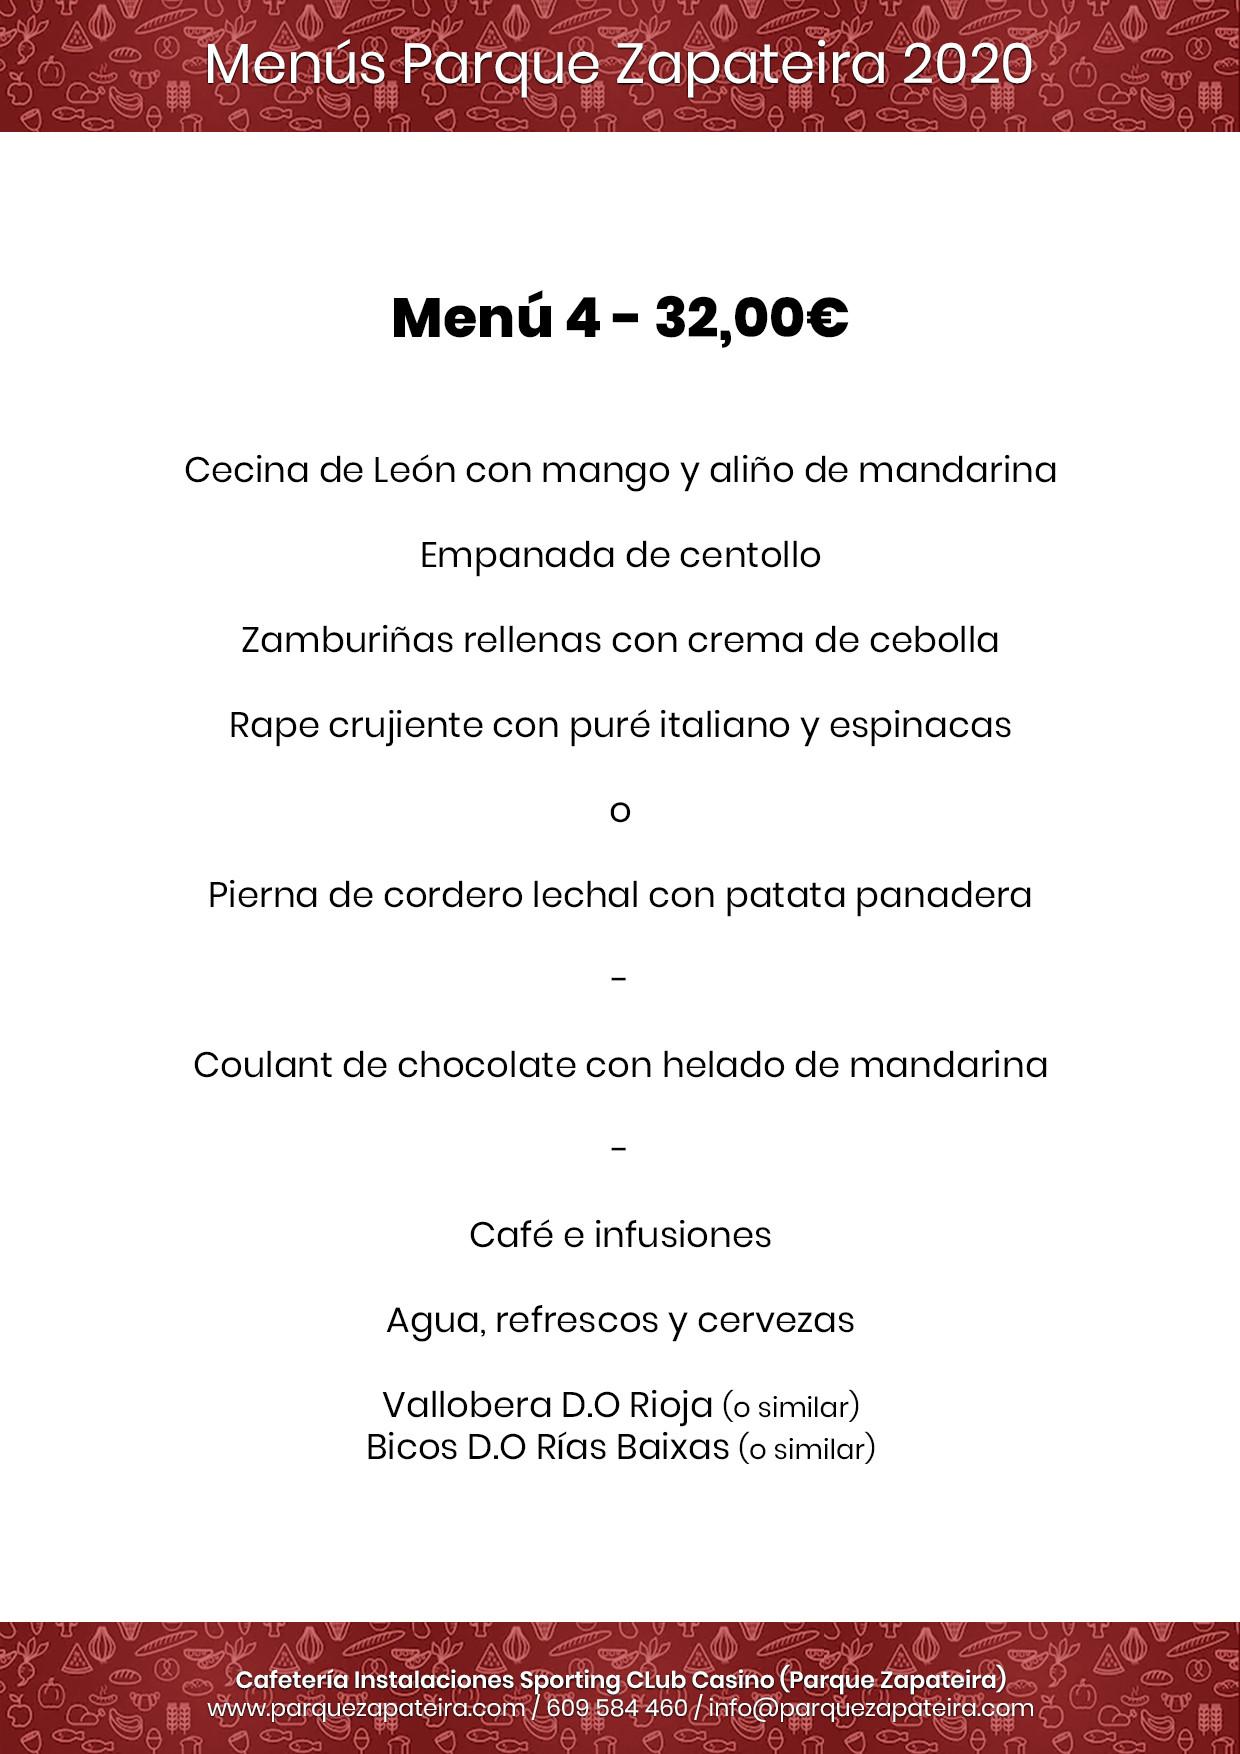 menusgrupos2020-04.jpg